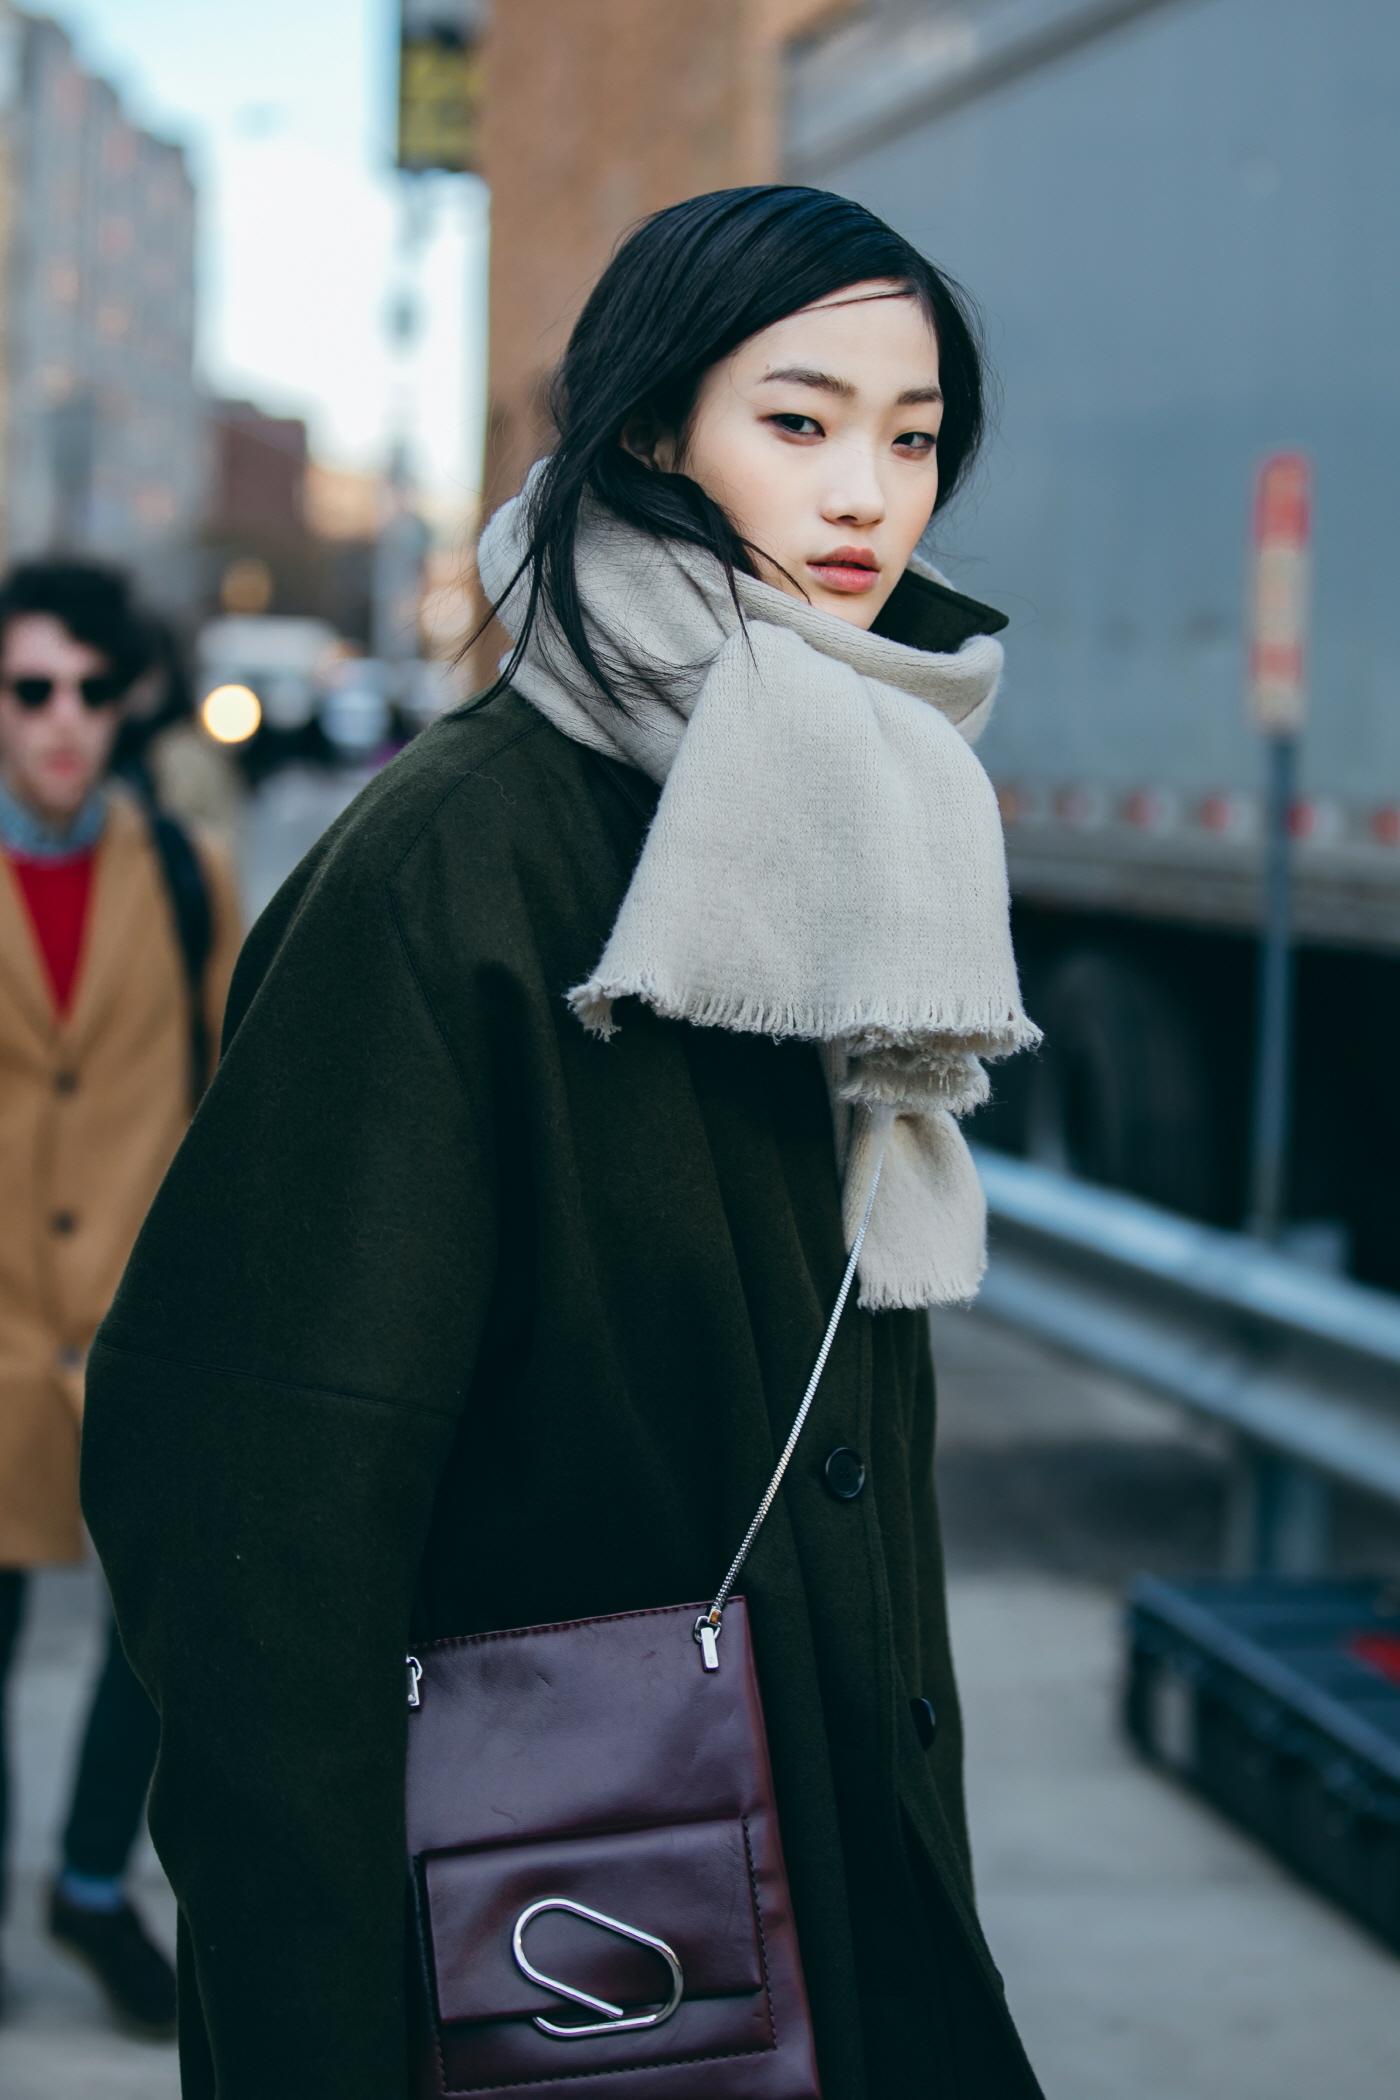 '시크함 그 자체' 뉴욕 스트리트에서 포착된 모델 신현지!